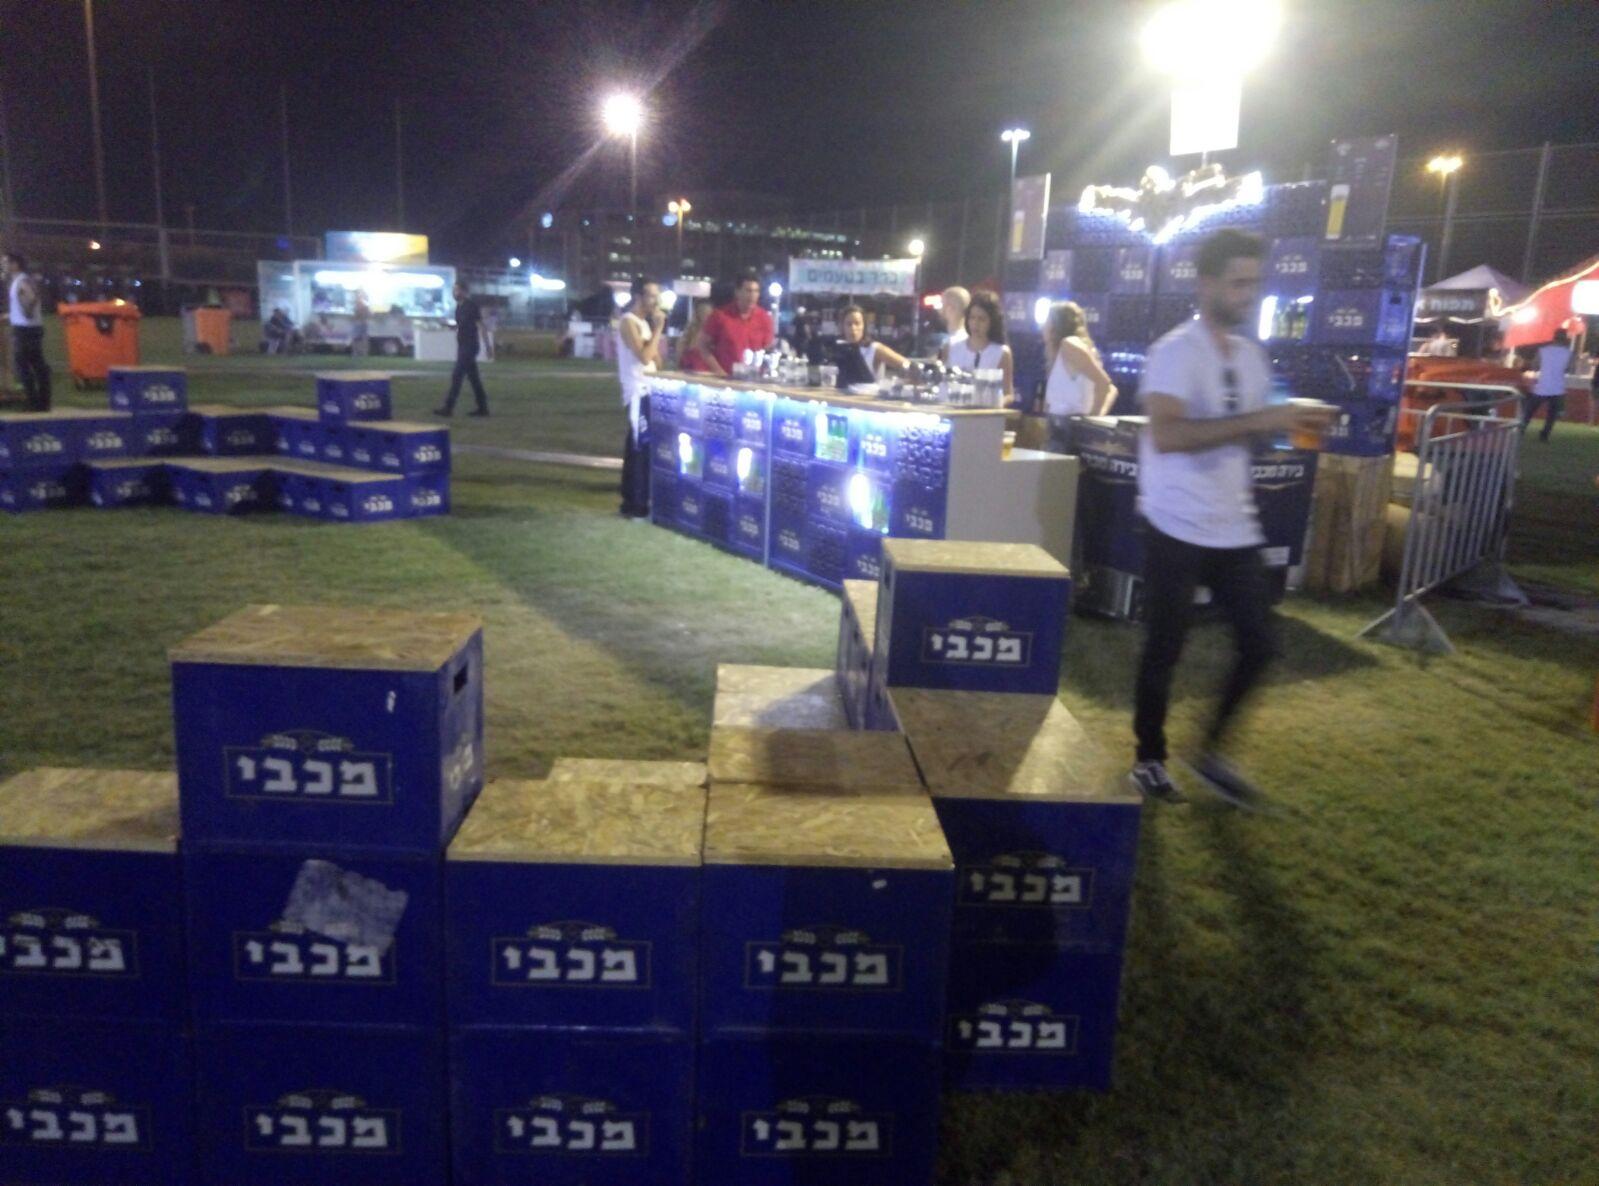 סיור בפסטיבל גולדסטאר - עיר הבירה 2017 בחיפה